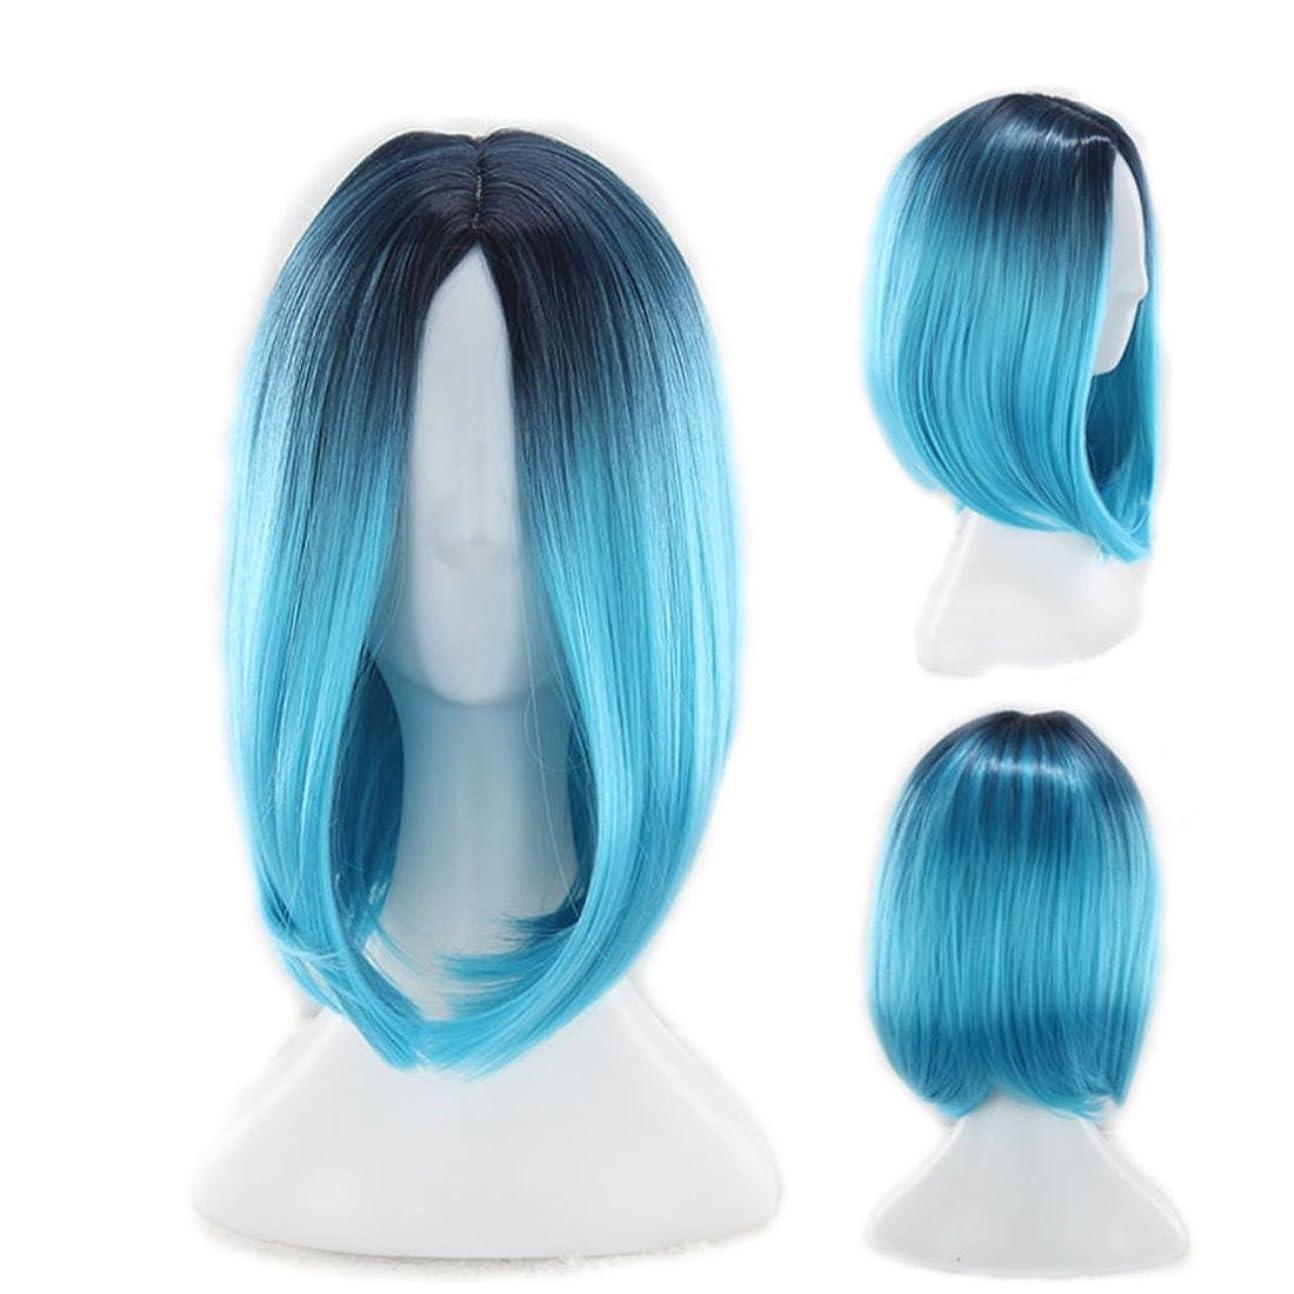 聴覚波記事BOBIDYEE ナチュラルグラデーションカラーかつら女性用ショートボボヘッドかつら髪耐熱性かつら長さ35cmファッションかつら (色 : ブルー)